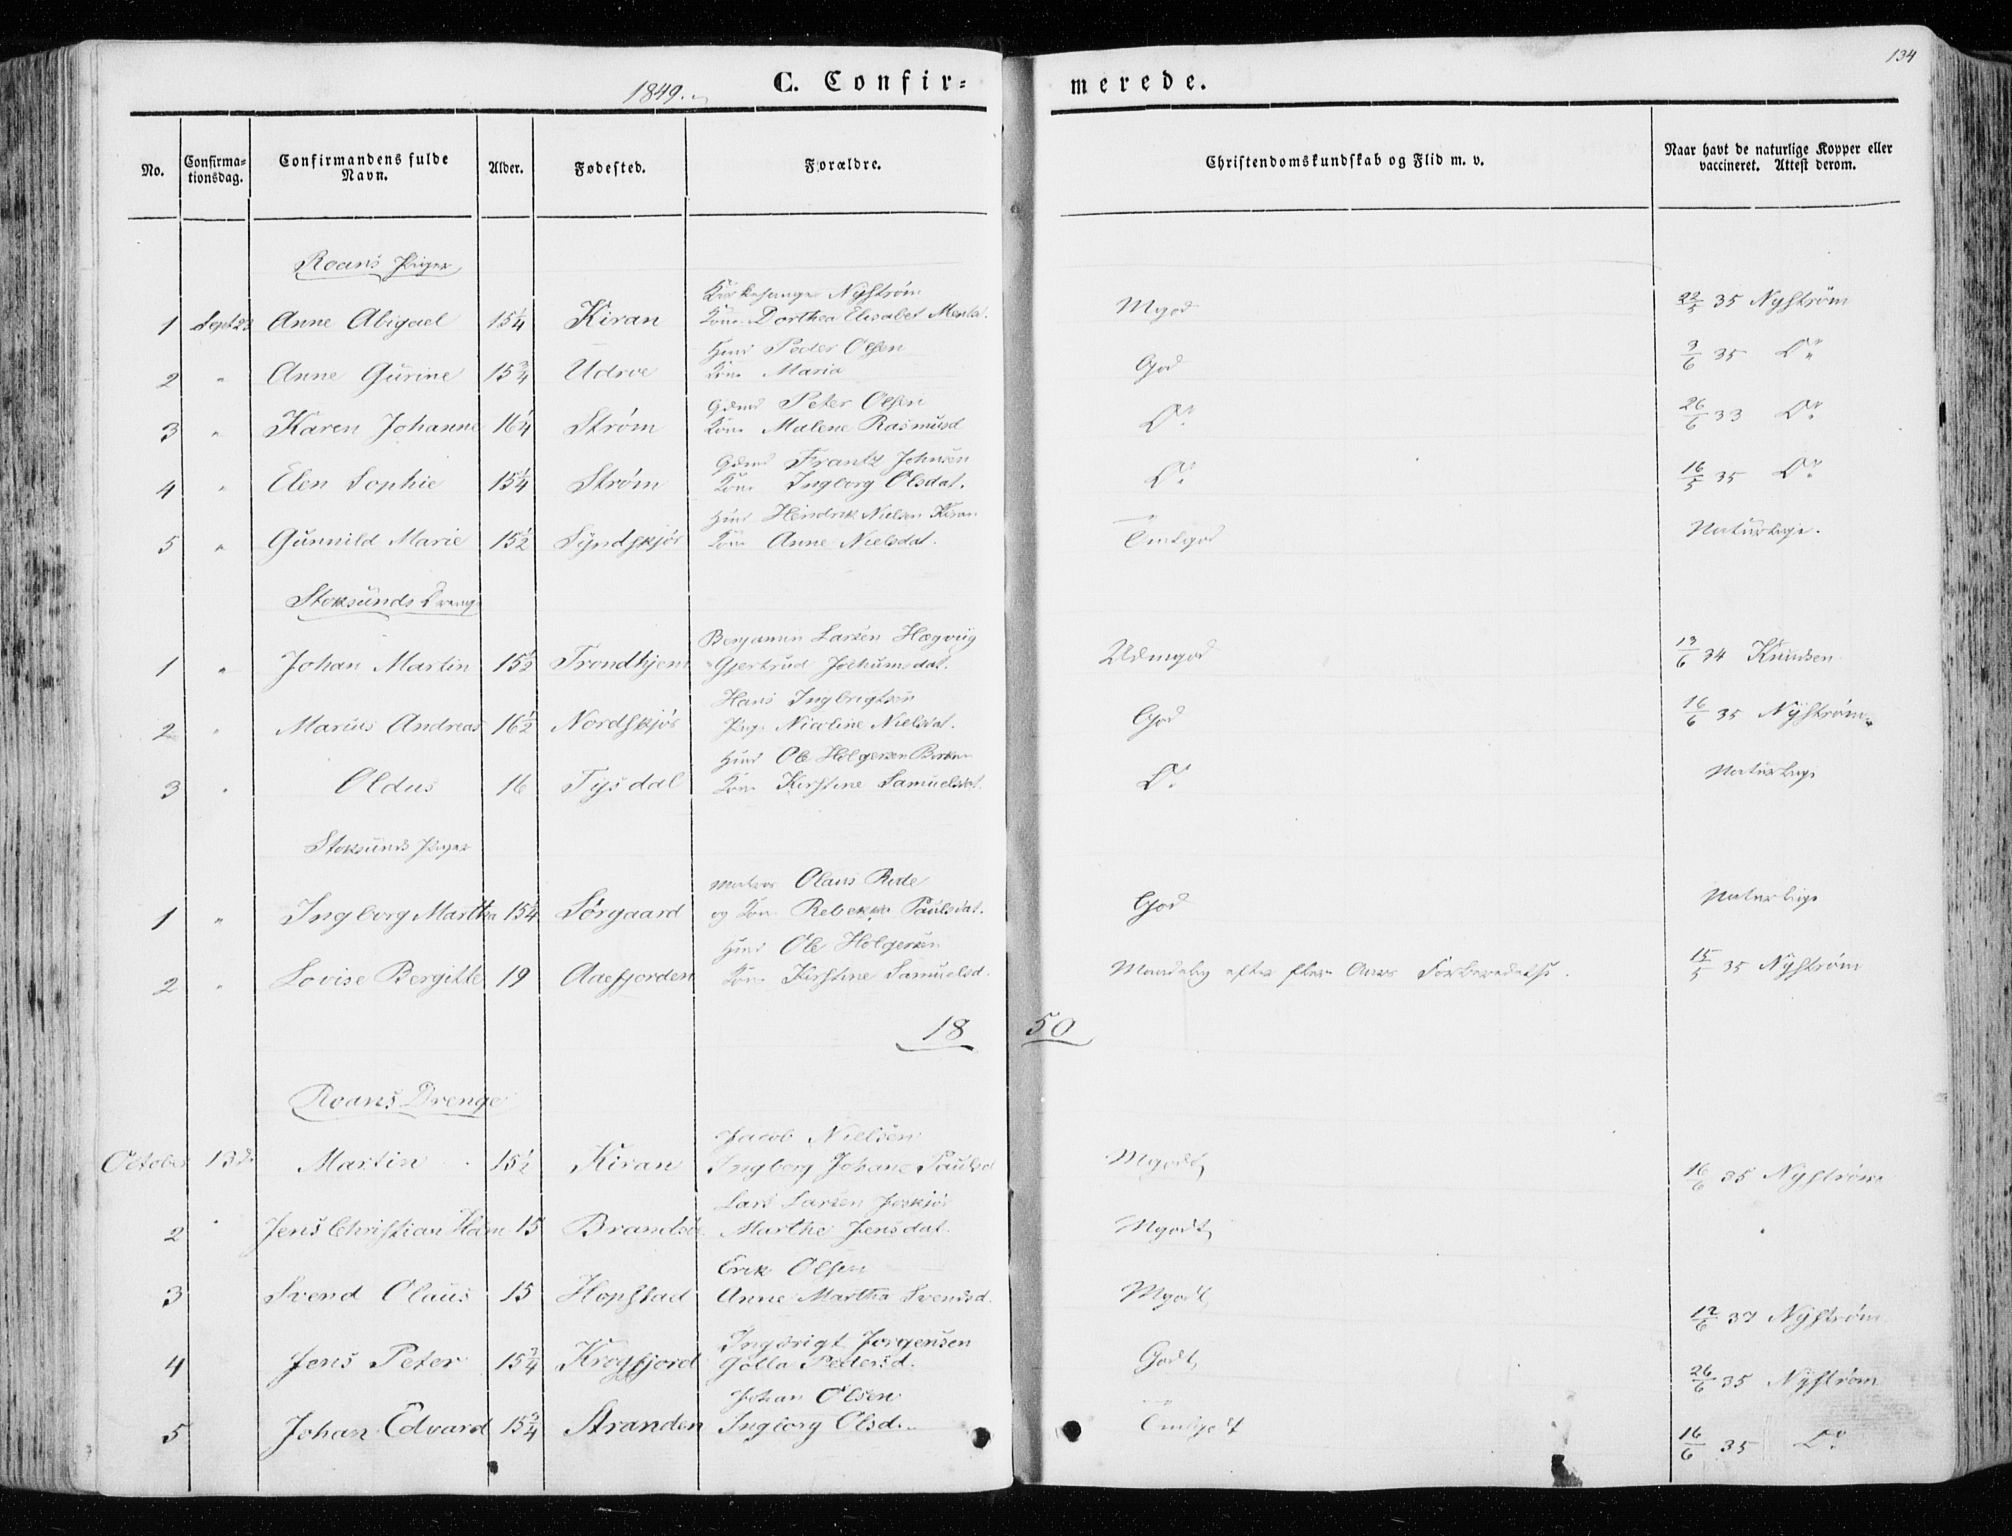 SAT, Ministerialprotokoller, klokkerbøker og fødselsregistre - Sør-Trøndelag, 657/L0704: Ministerialbok nr. 657A05, 1846-1857, s. 134